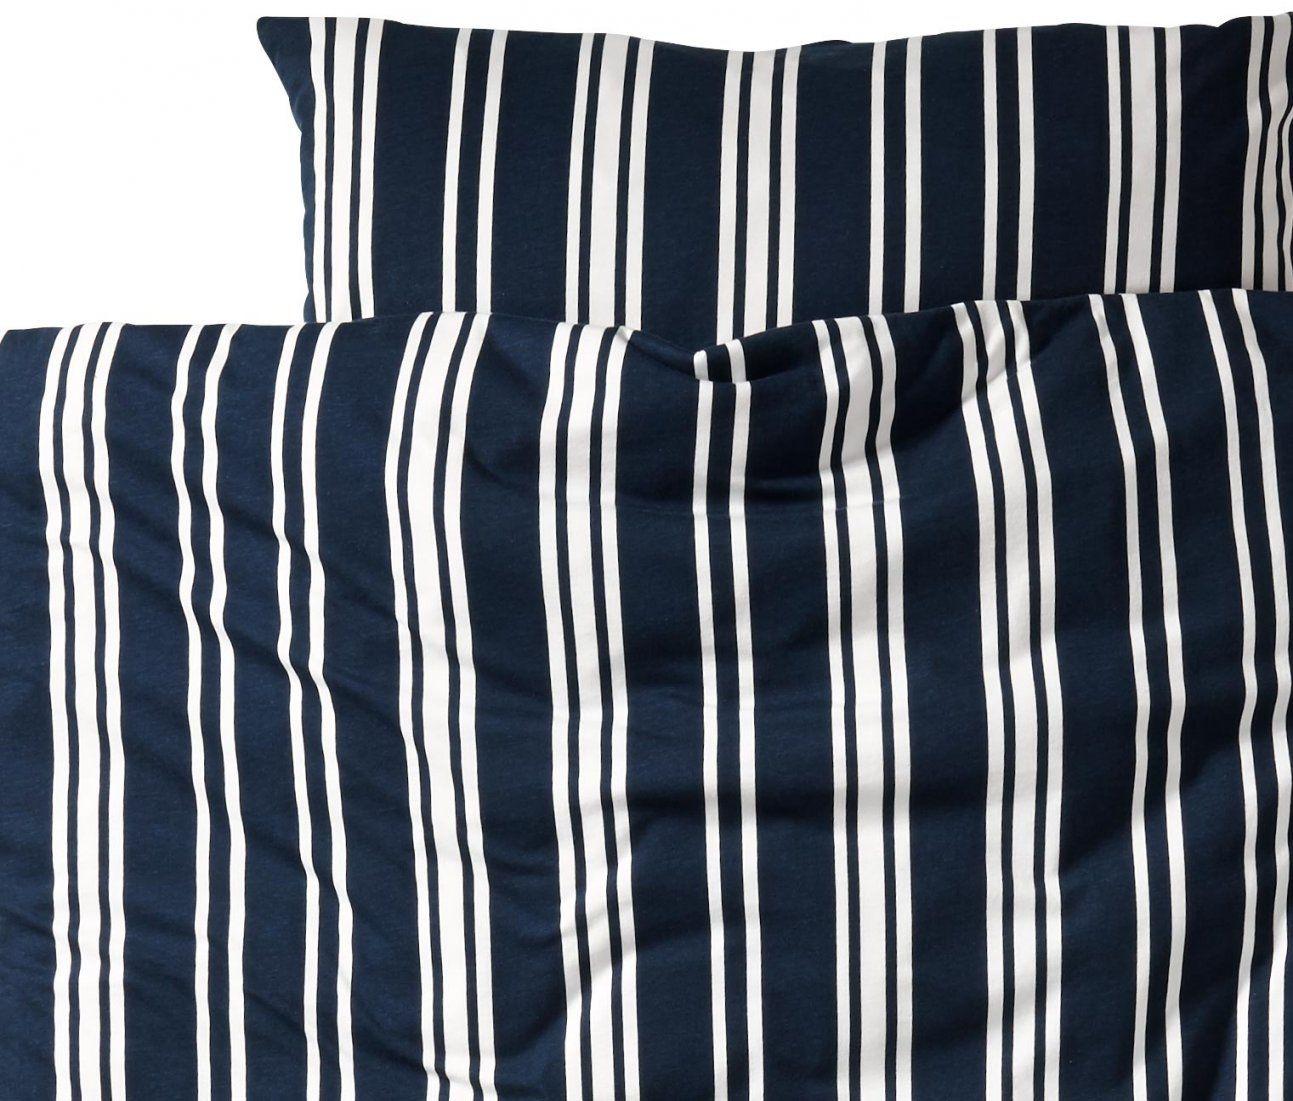 Jerseybettwäsche Blauweiß Gestreift Normalgröße Online Bestellen von Tchibo Jersey Bettwäsche Photo